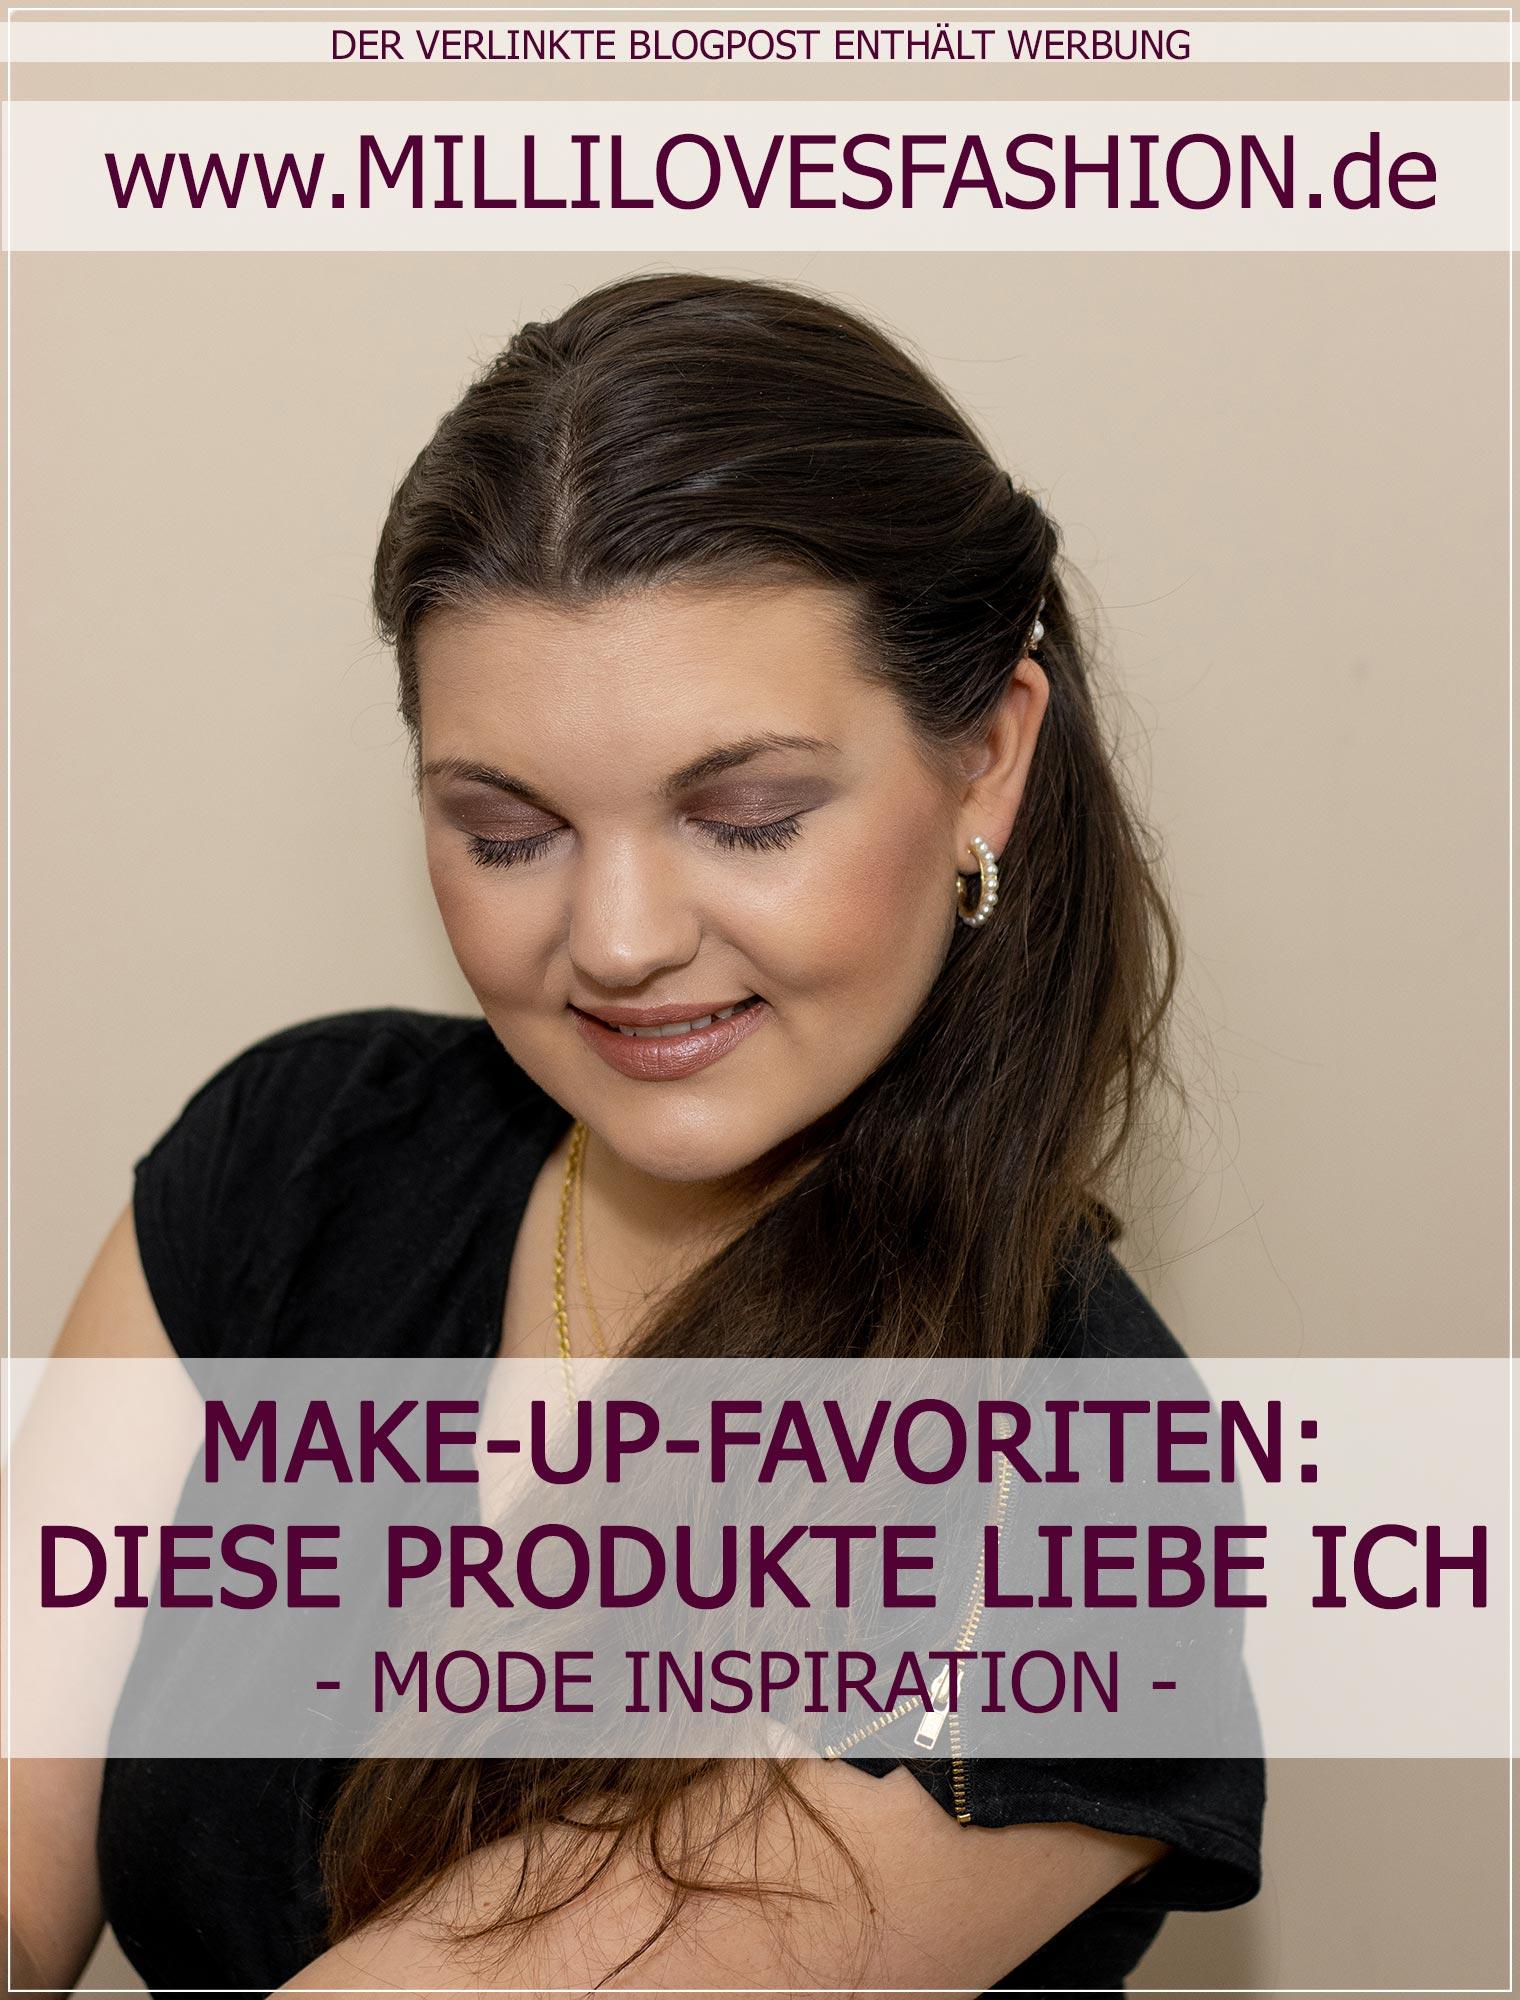 Make-Up-Favoriten zum nach kaufen